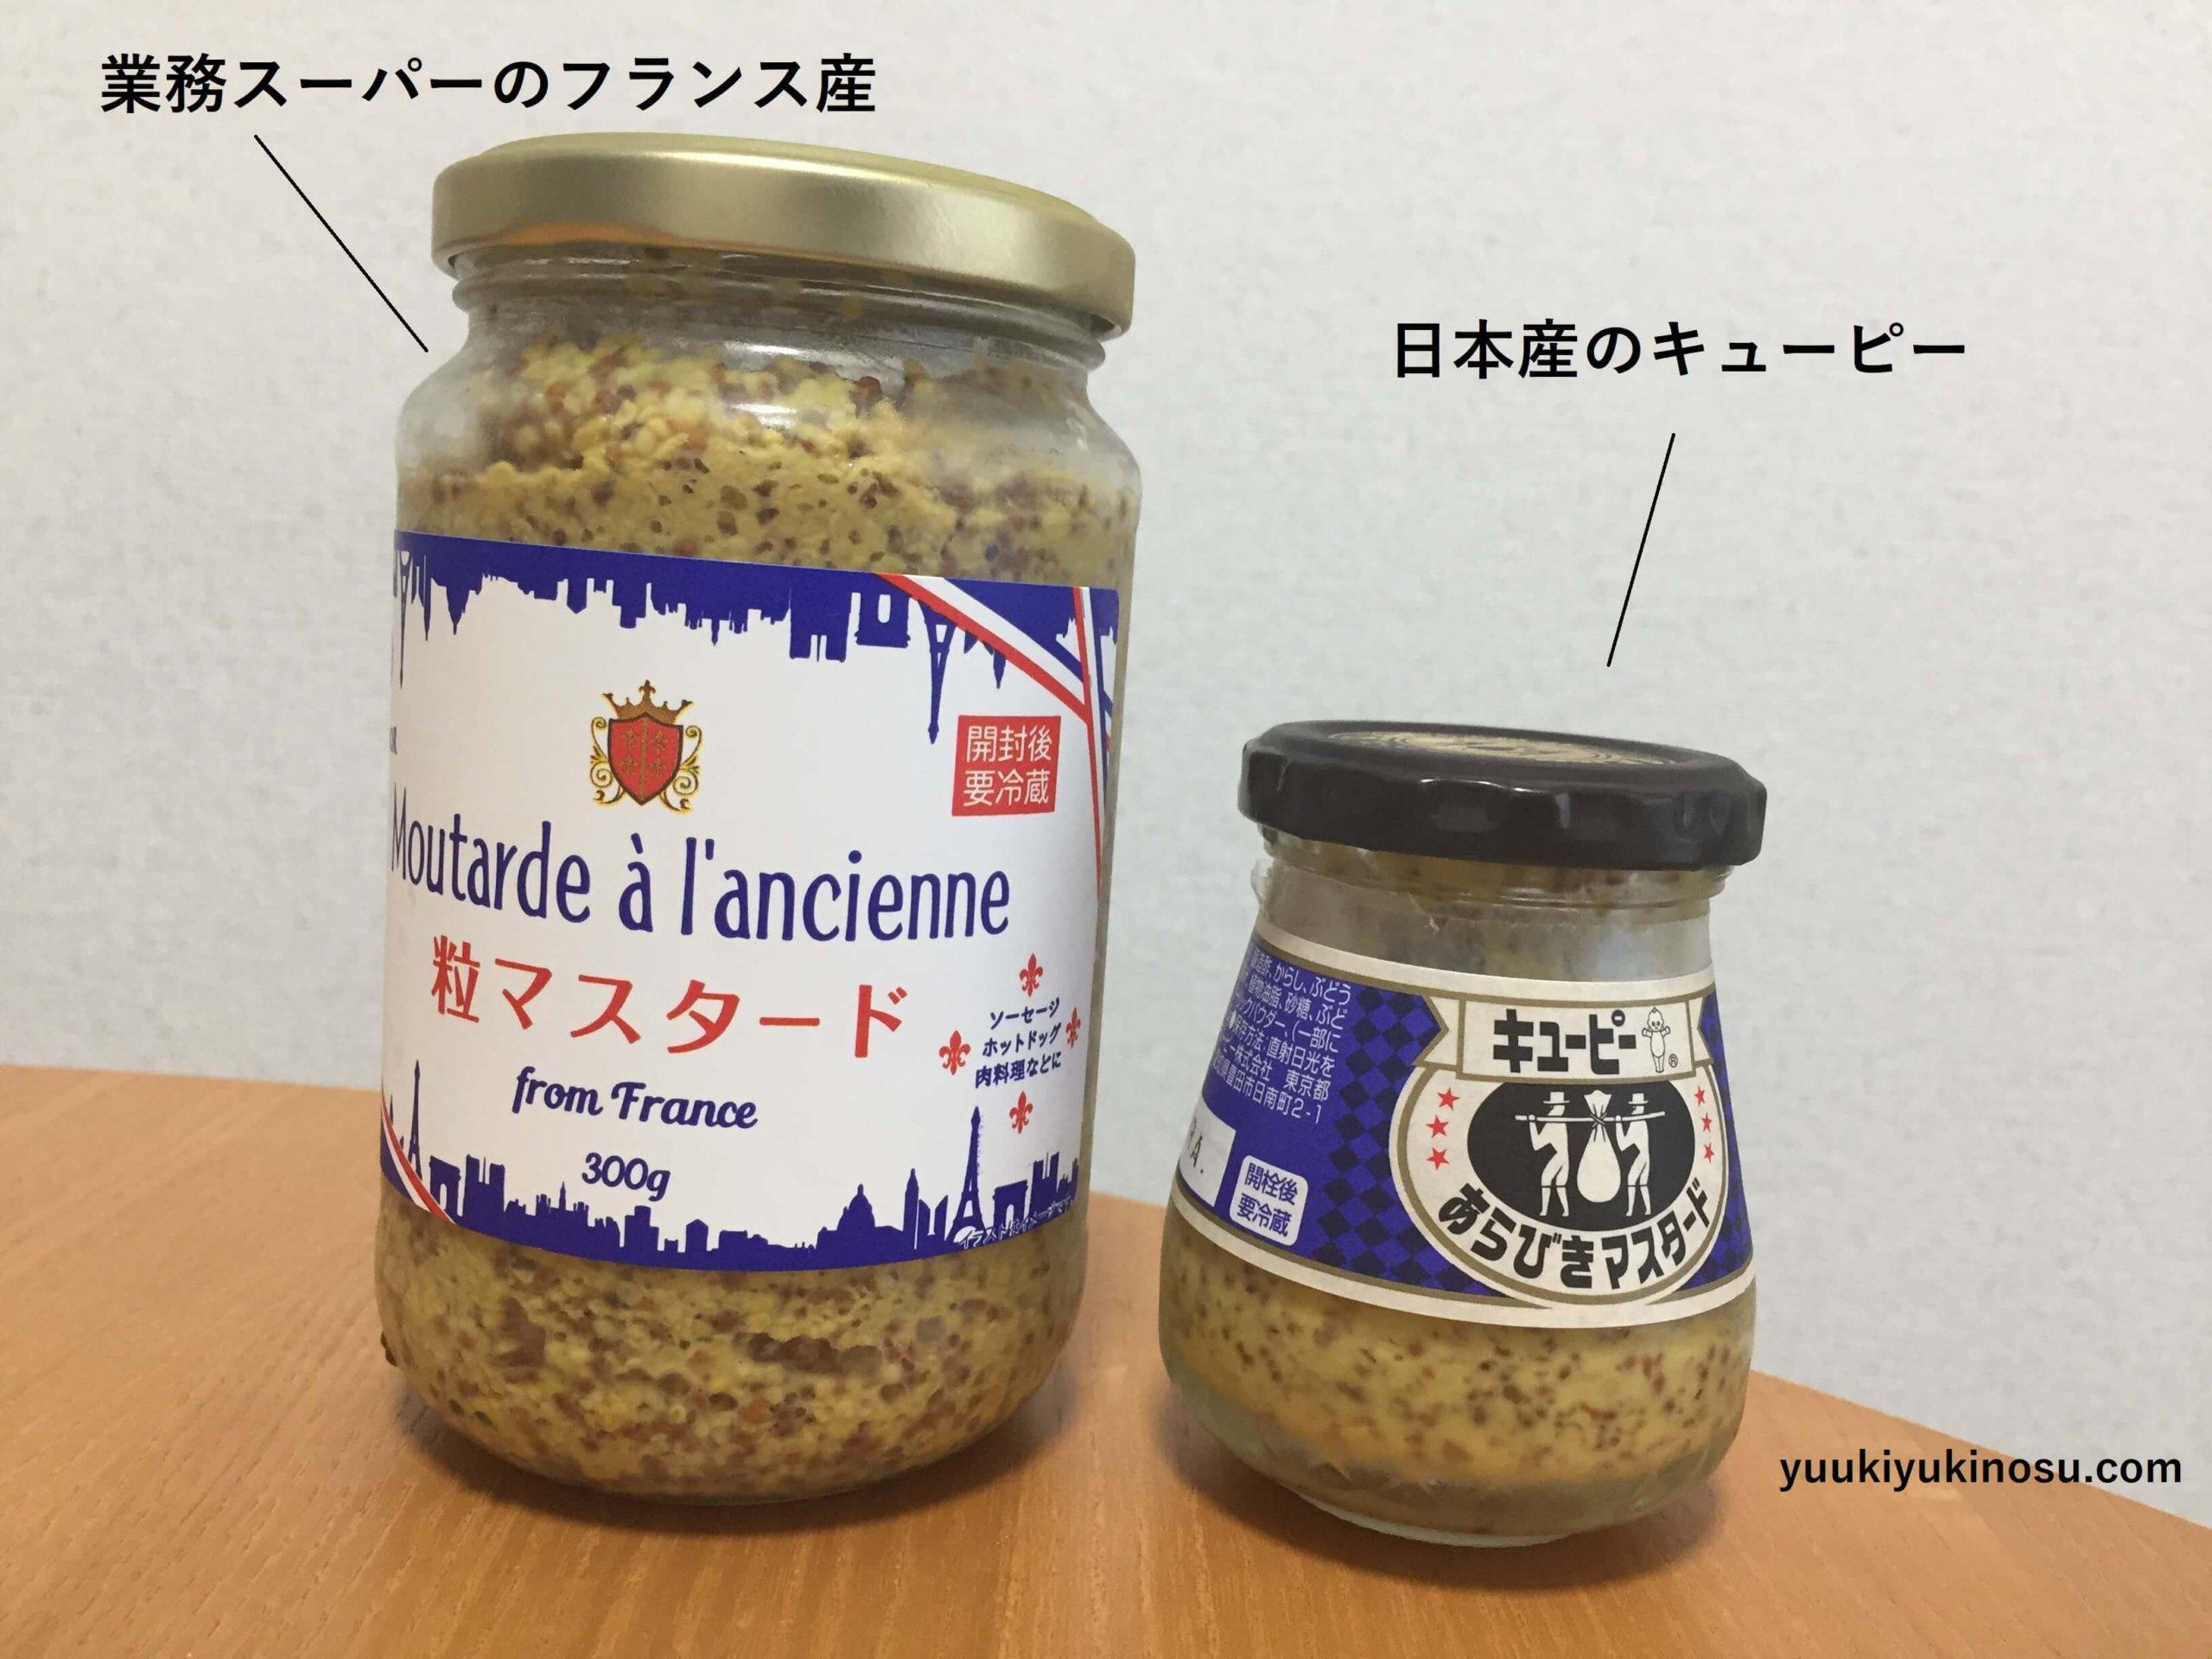 業務スーパー 粒マスタード フランス産 値段 口コミ アレンジ 辛み 酸味 日本産と比較 キューピー